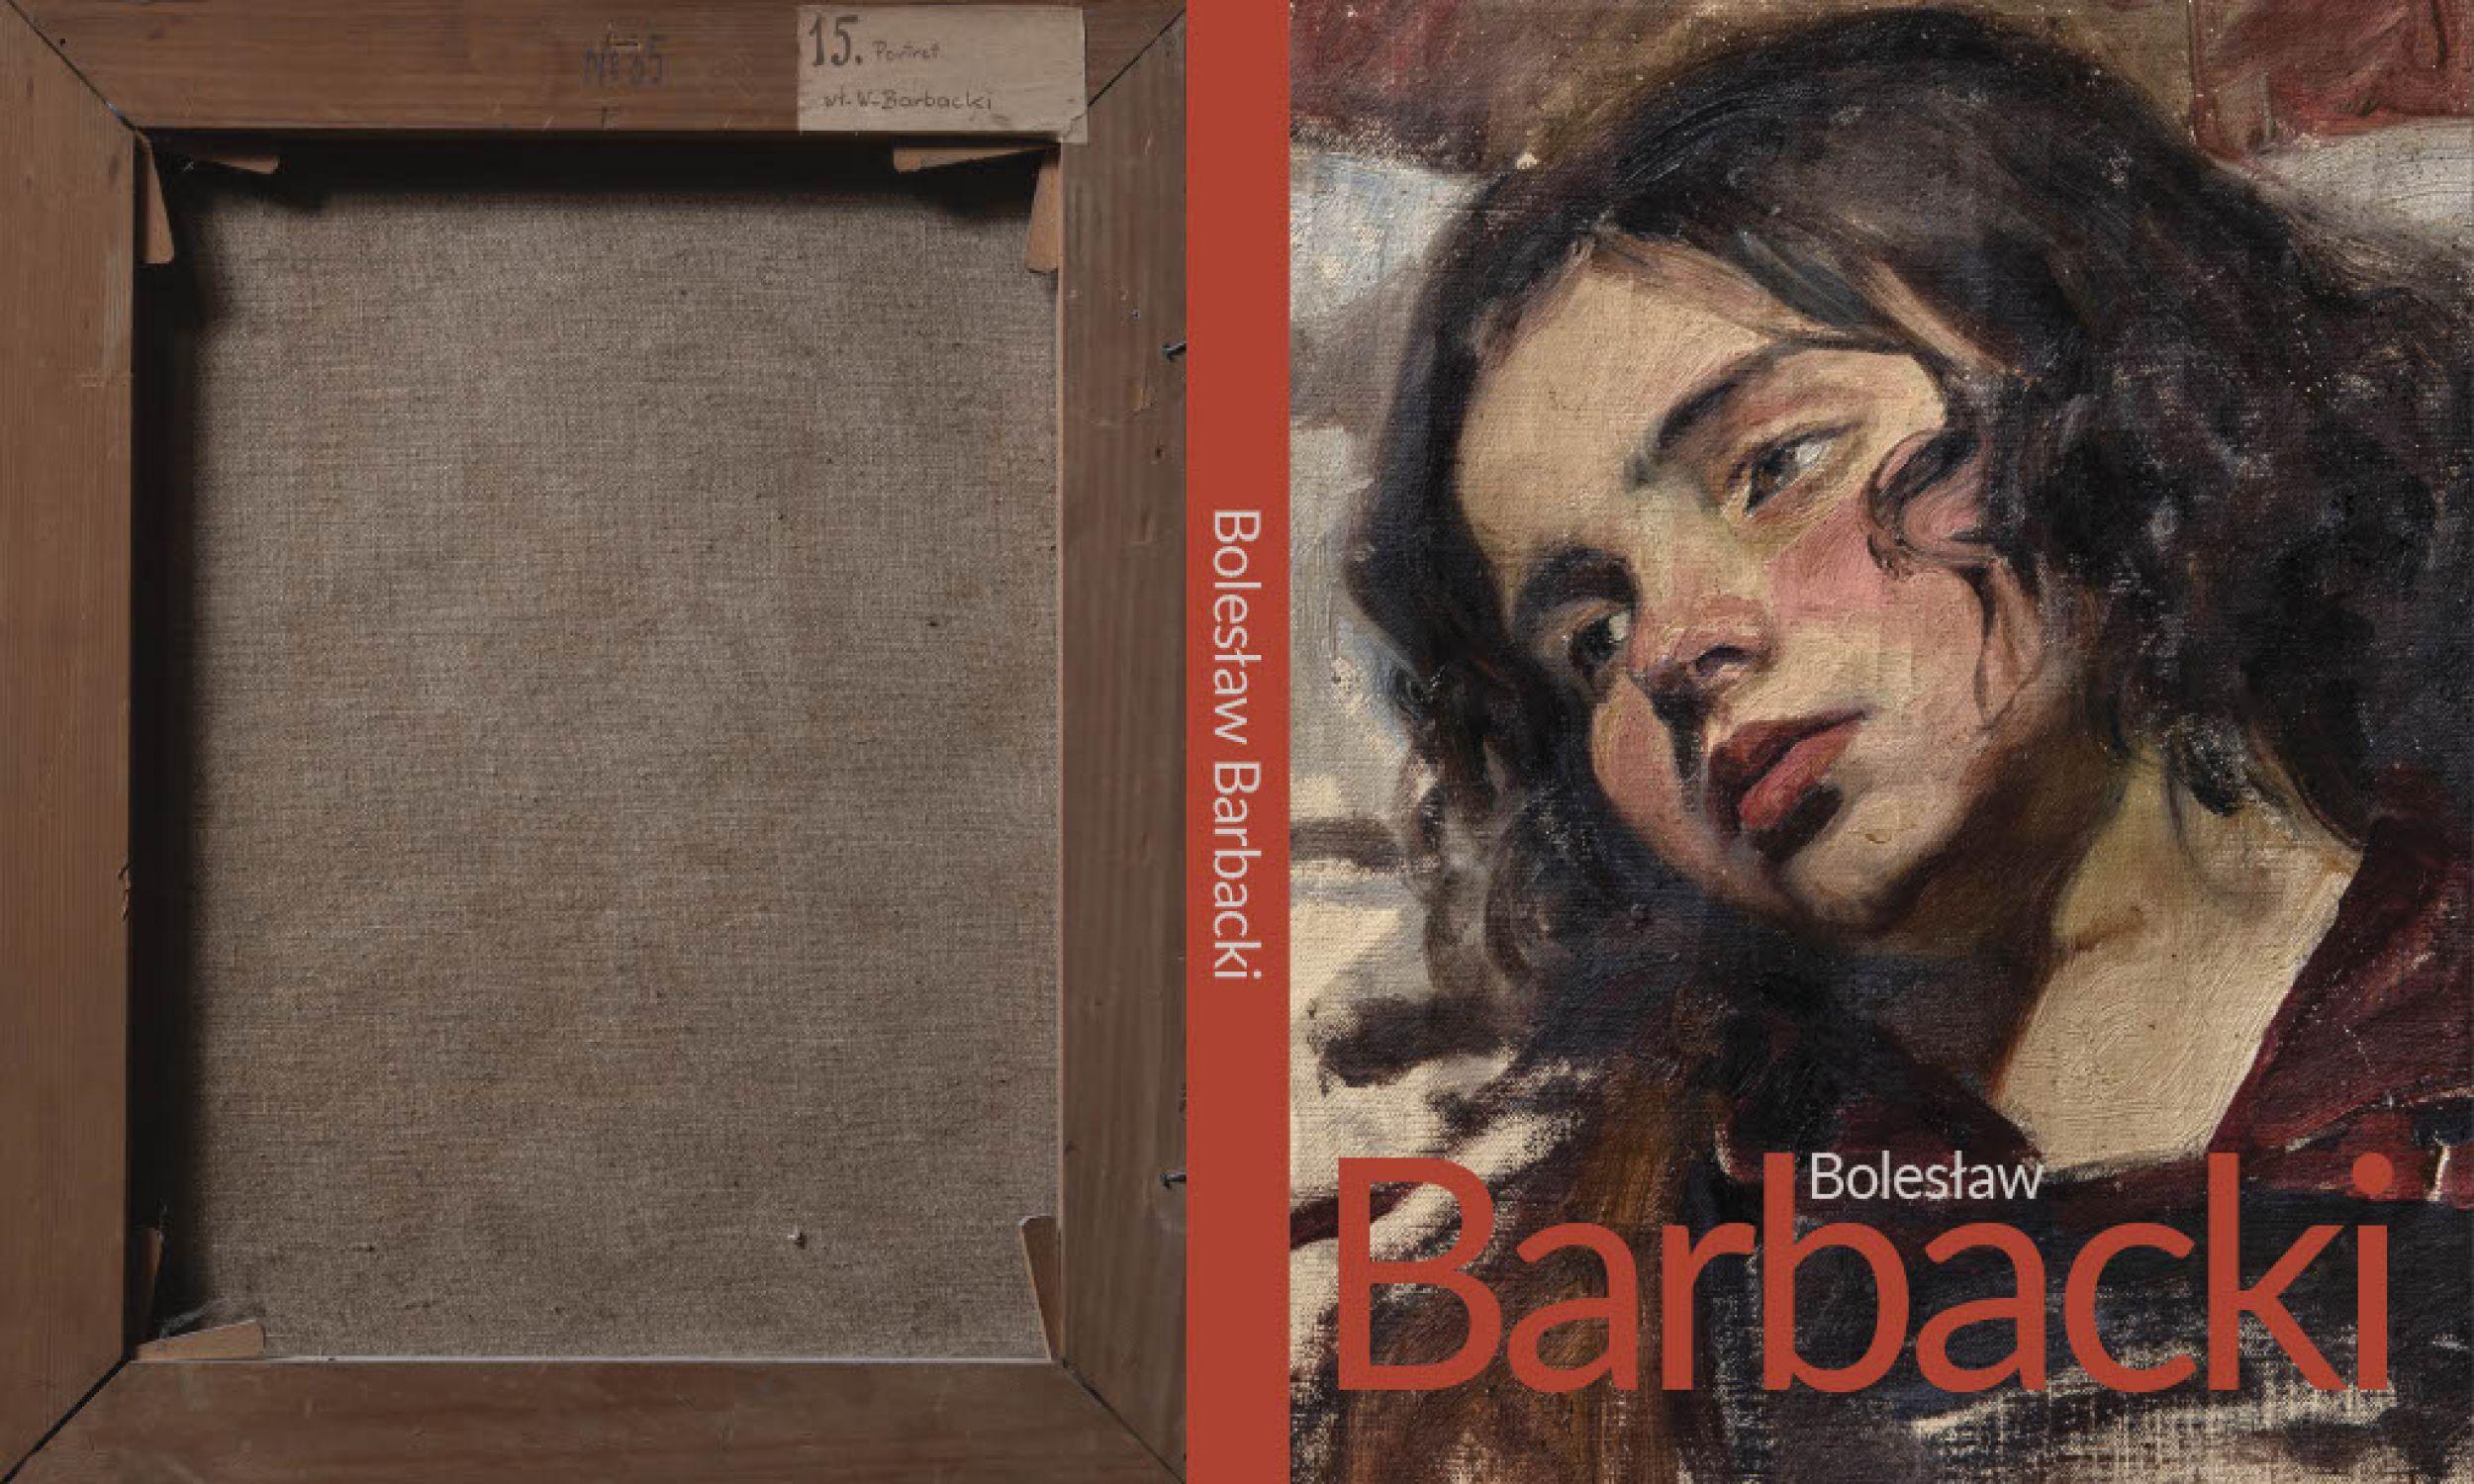 Okładka albumu o Bolesławie Barbackim. Fot. Piotr Droździk